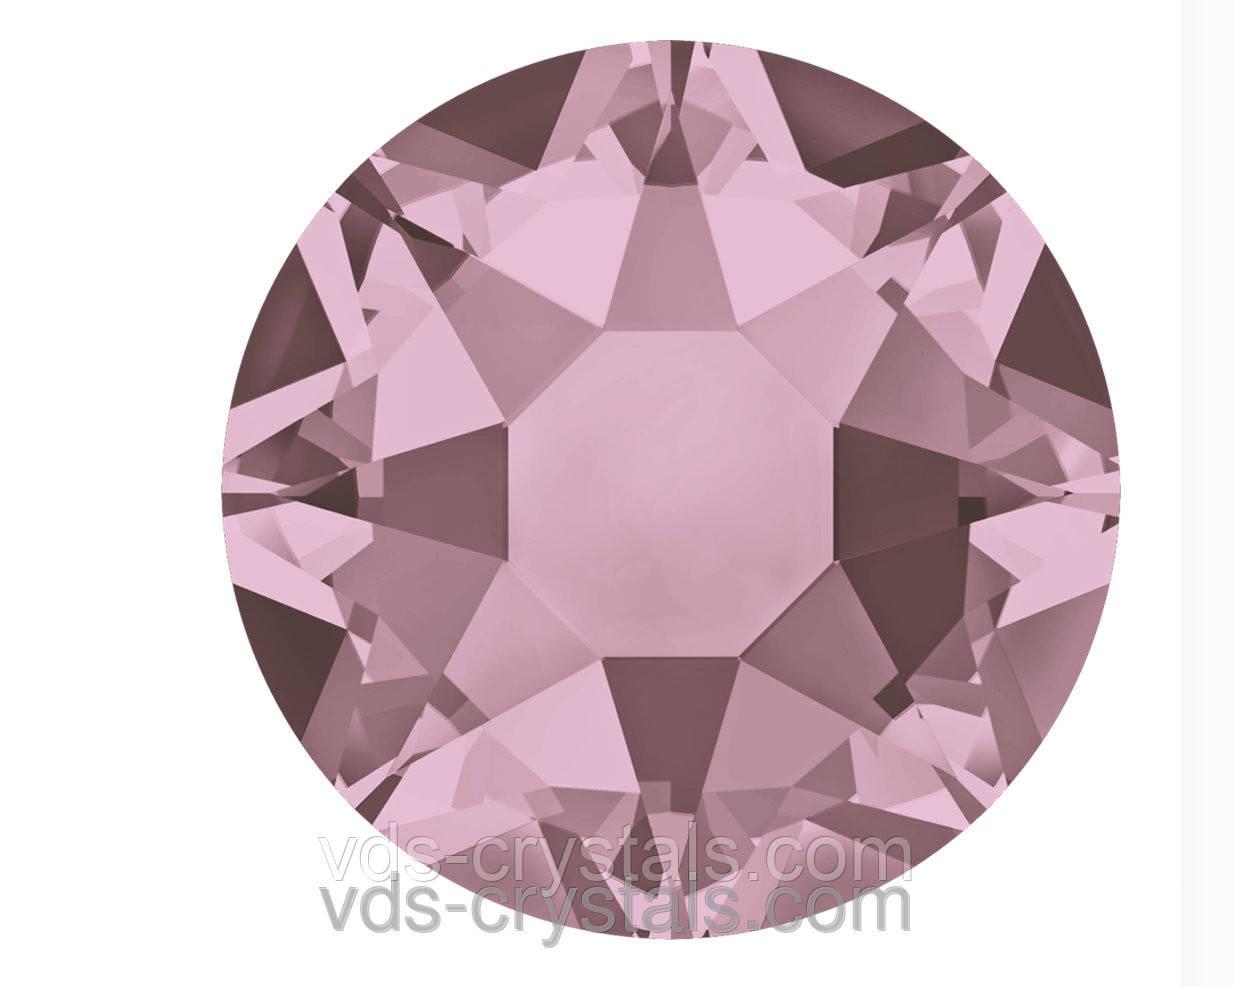 Стрази Сваровскі оптом і в роздріб клейові гарячої фіксації 2078 Crystal Antique Pink F (001 ANTP)